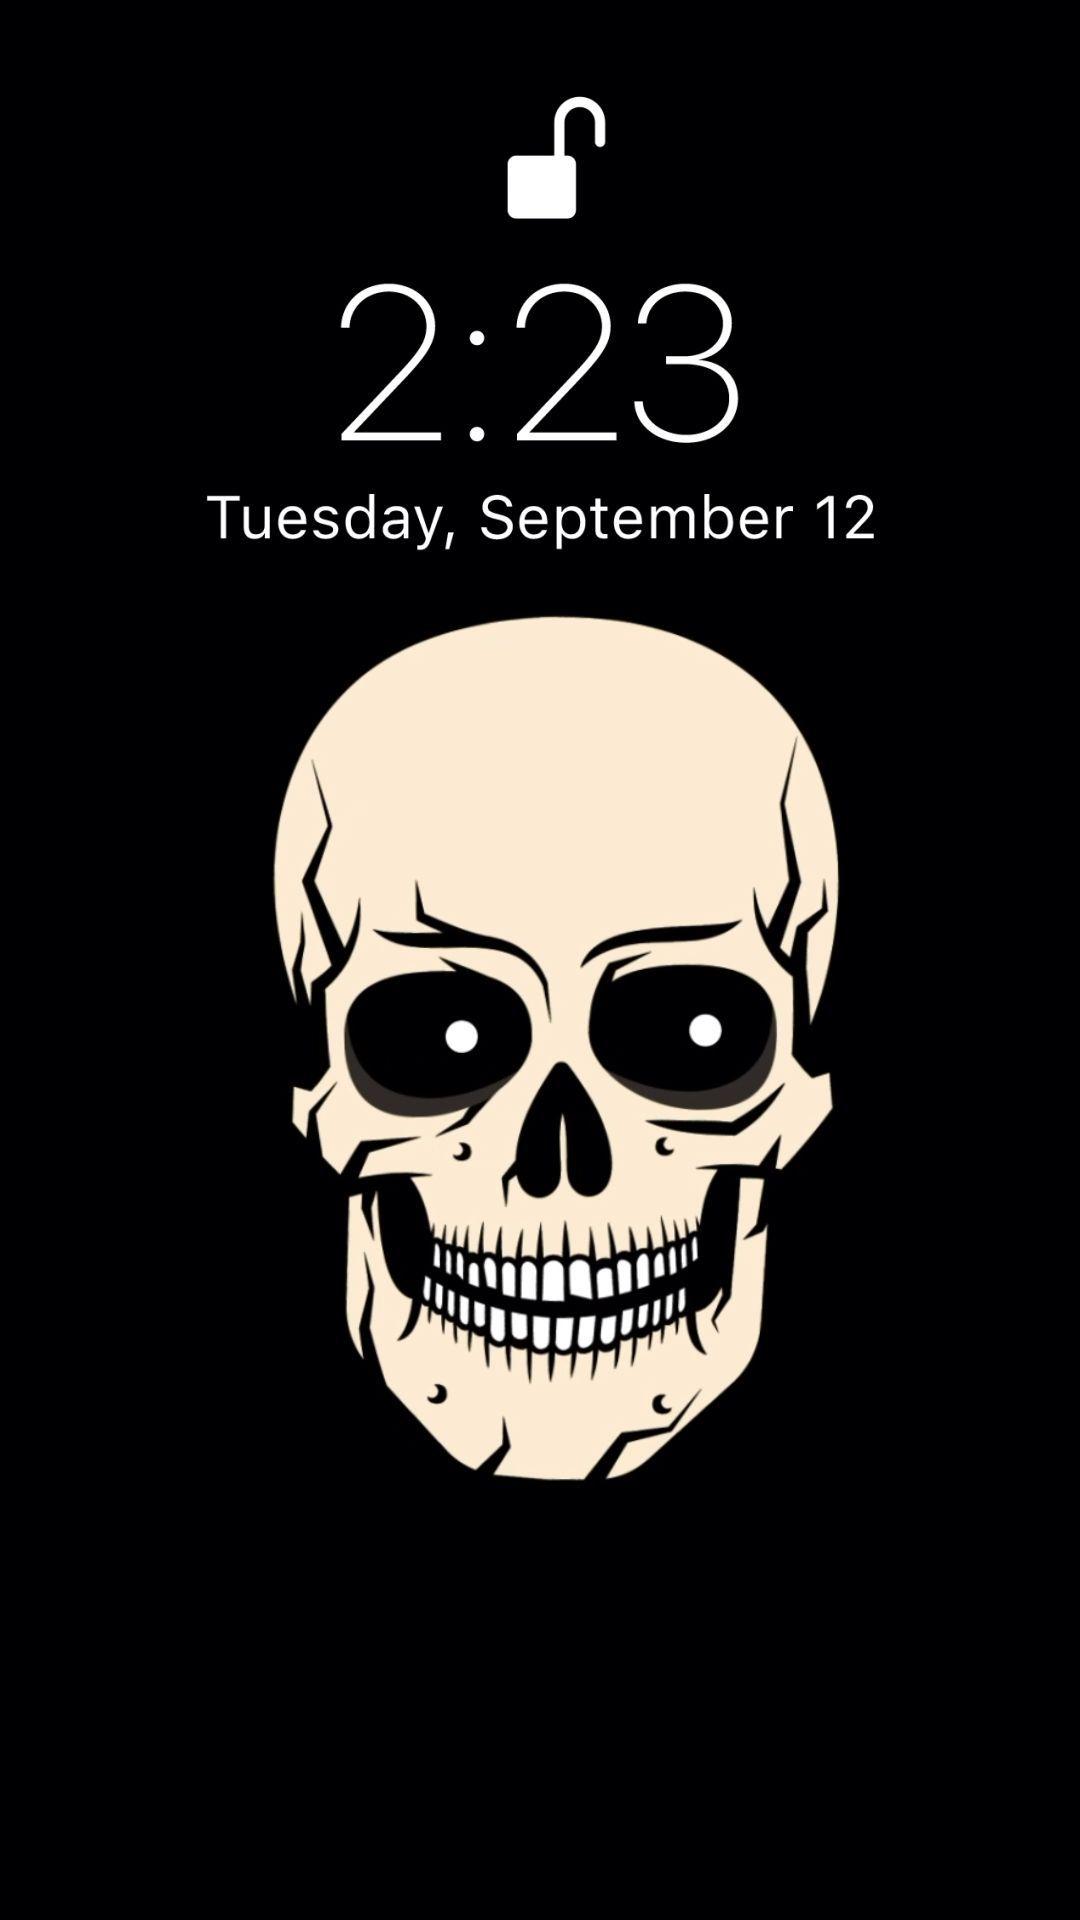 Skull Live Wallpaper In 2020 Locked Wallpaper Iphone Wallpaper